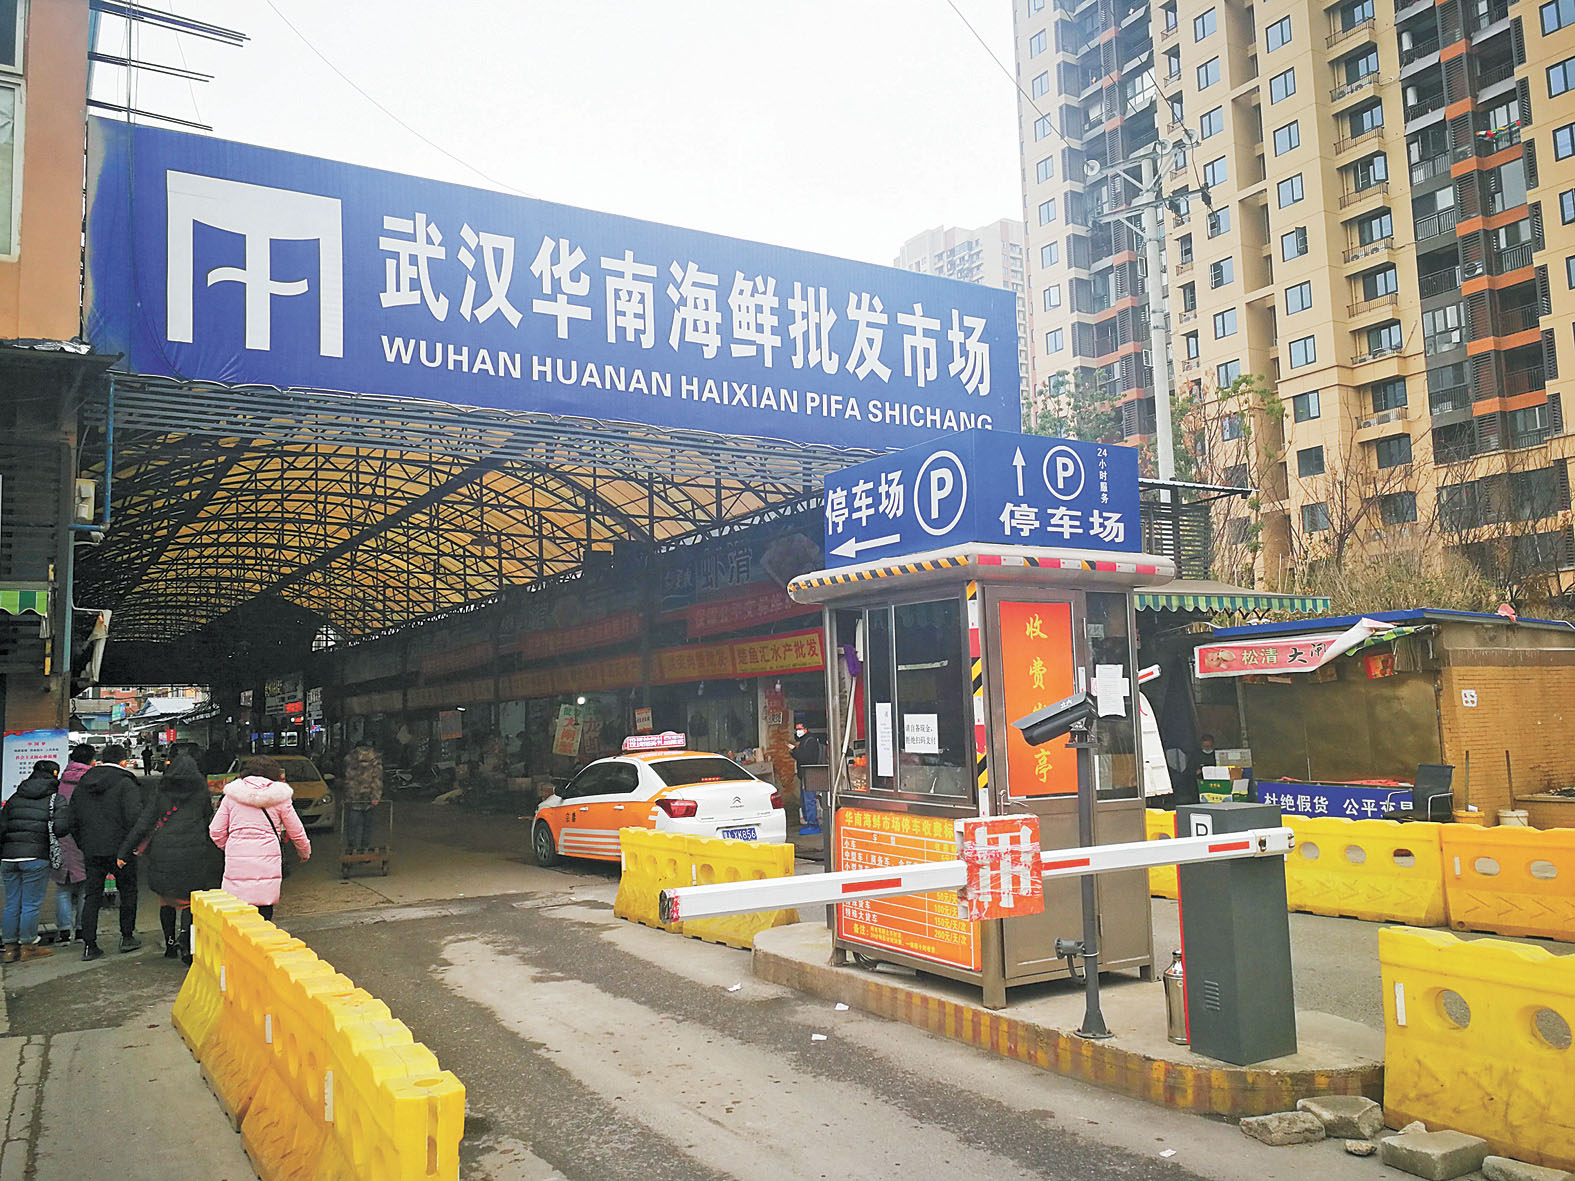 新型冠狀病毒大多數病例與華南海鮮批發市場有關聯。資料圖片